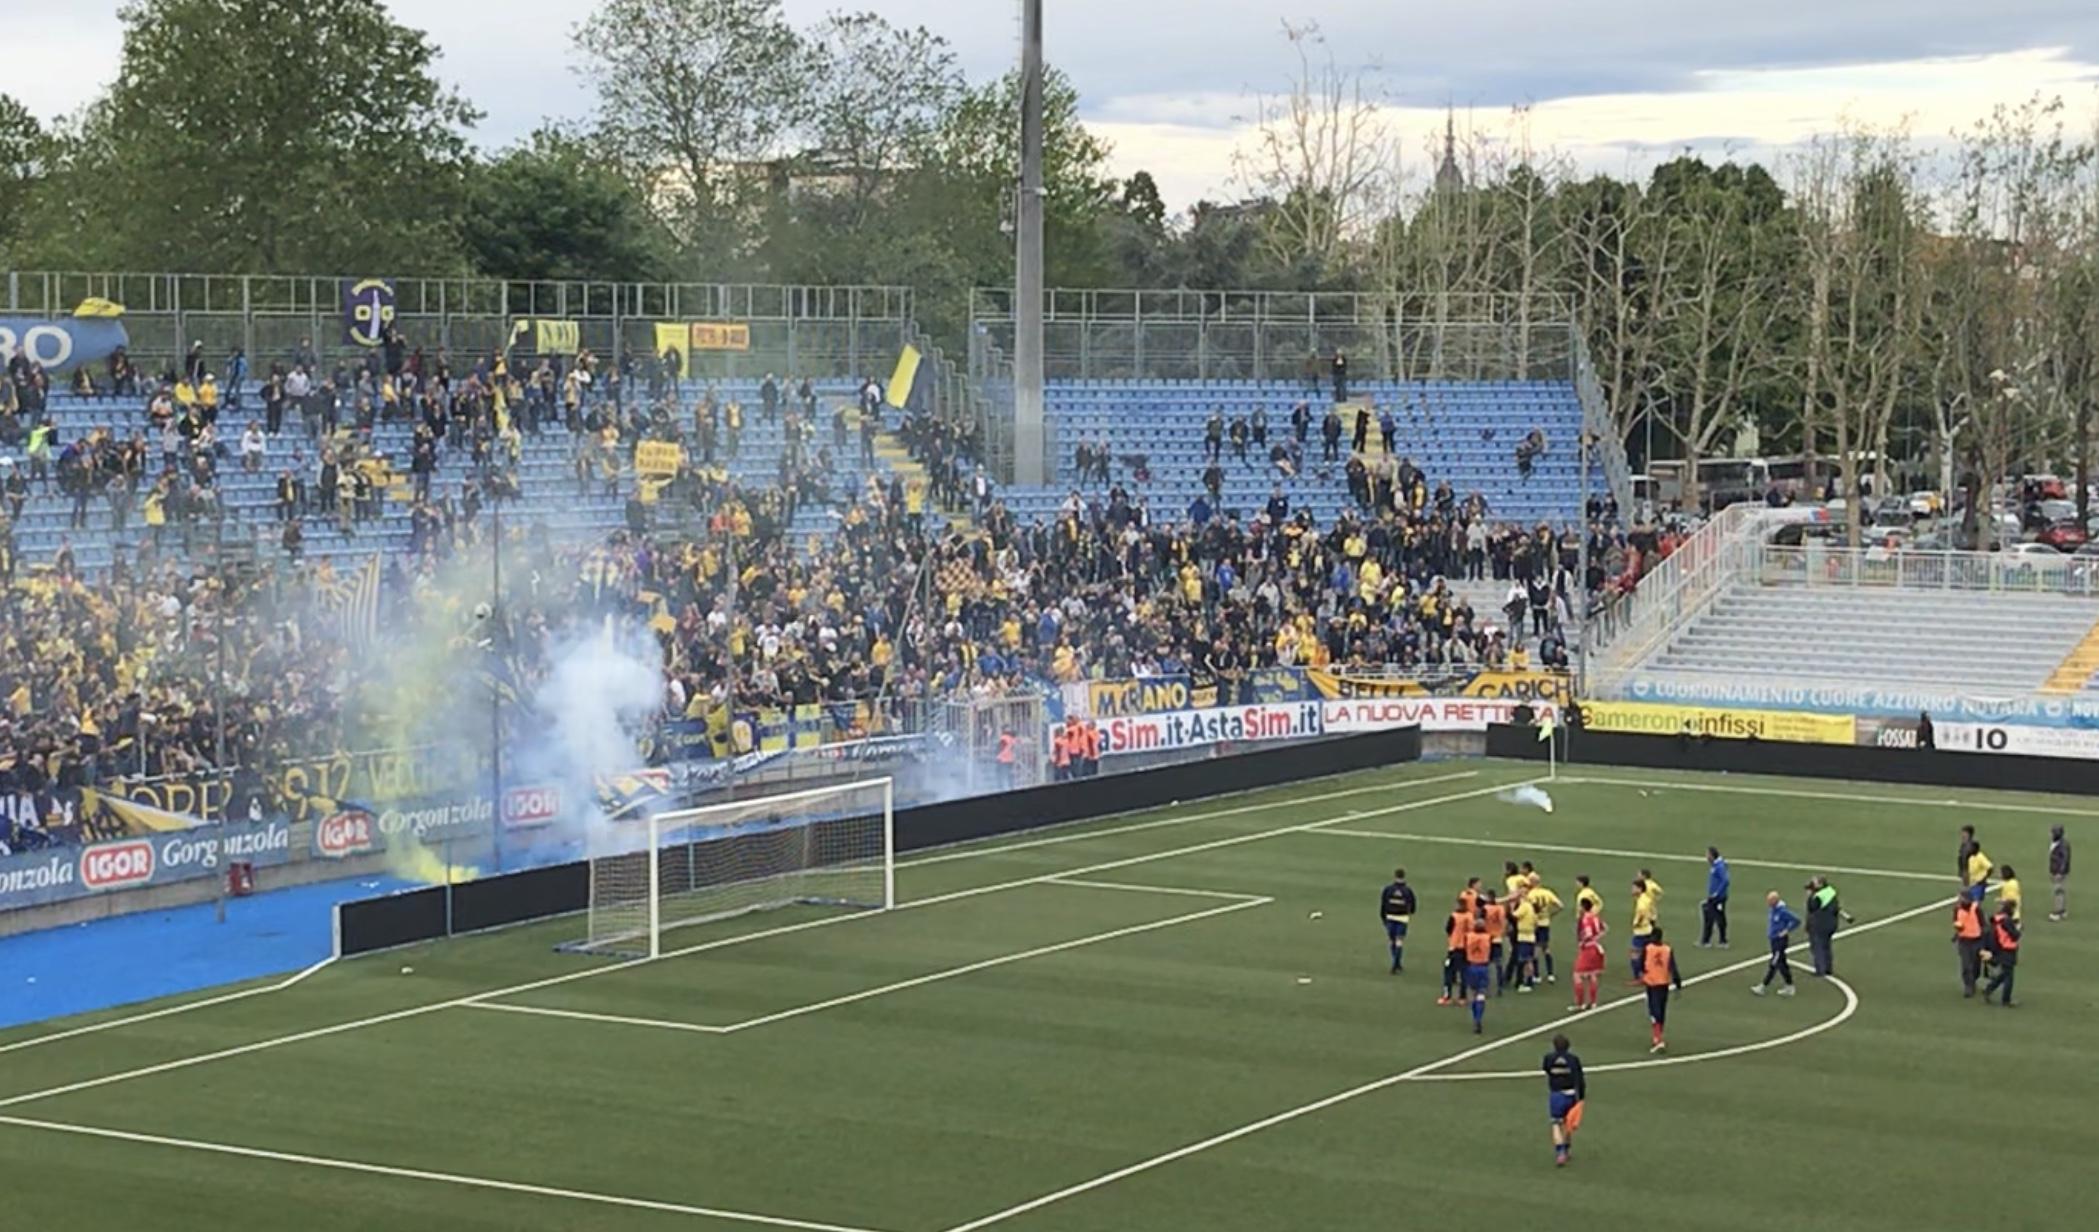 Modena Fc, la contestazione dei tifosi gialloblù dopo la sconfitta con la Pergolettese